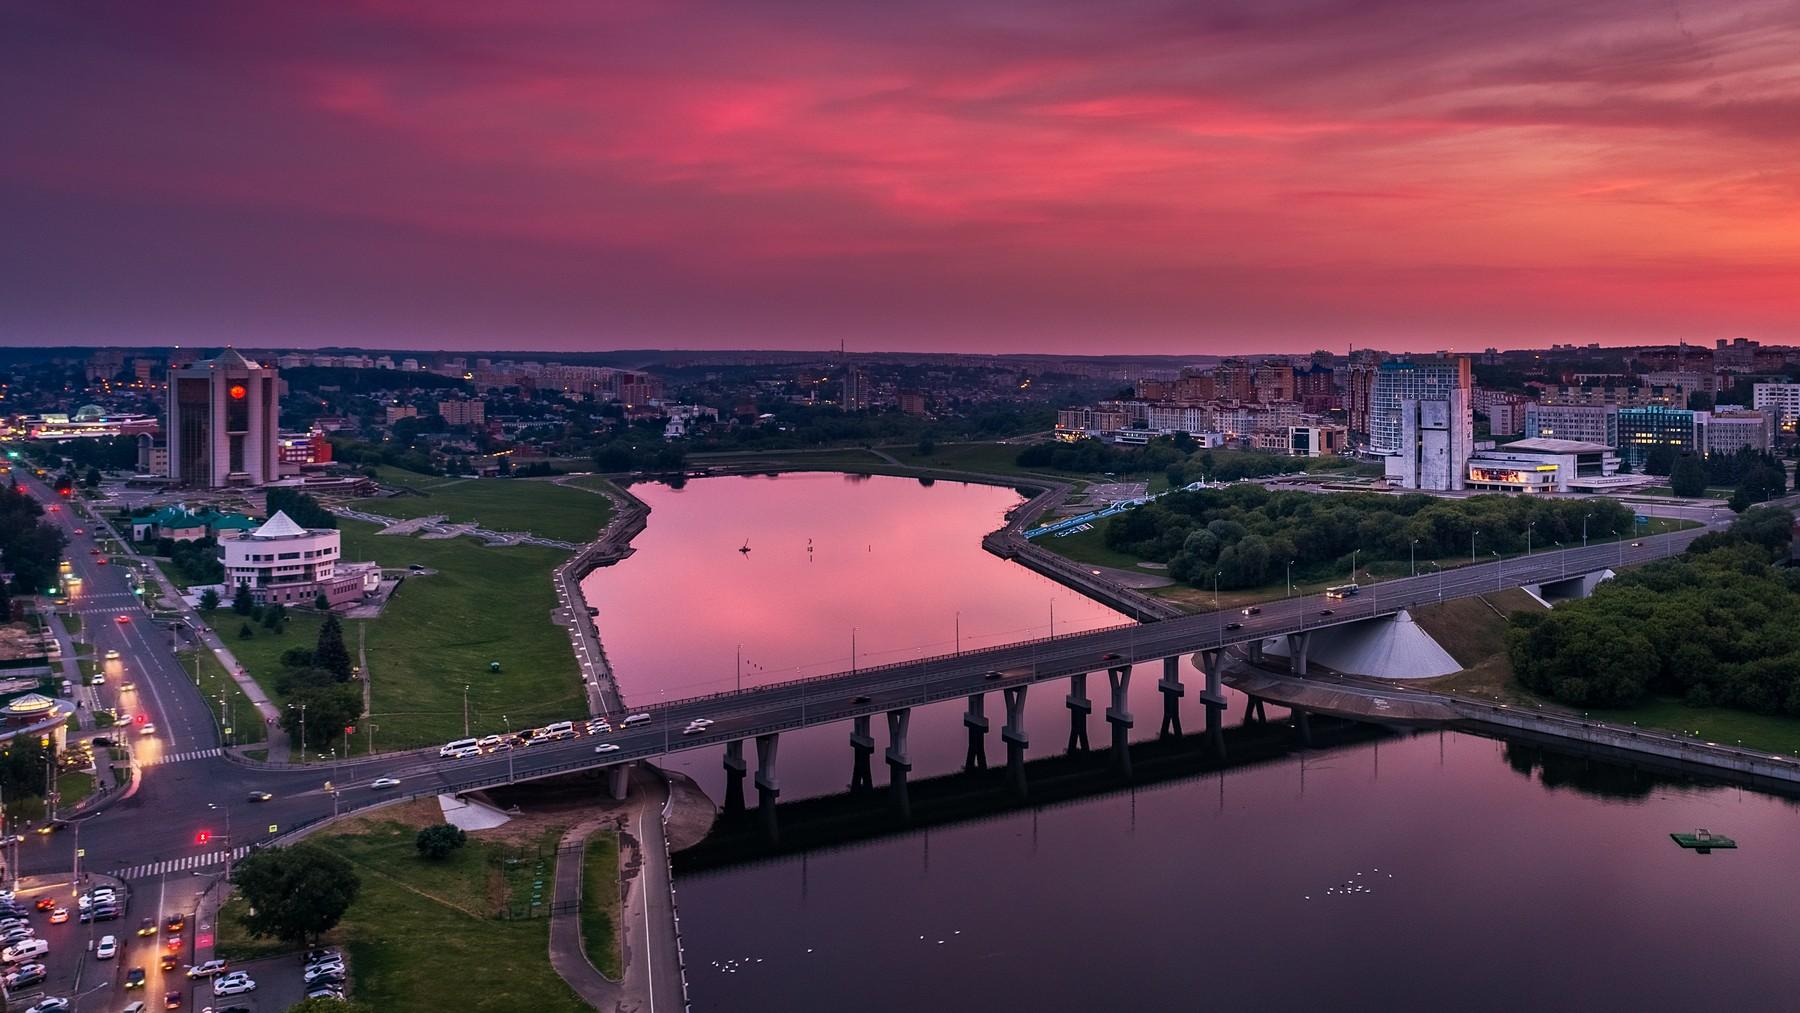 Чебоксары с высоты. Июнь 2019. Часть 1. город как на ладони,фото,аэрофото,аэрофотосъемка,высота,захватывающие картинки города,квадрокоптер,Чебоксары,красивые фотографии с высоты,все о городе,dji